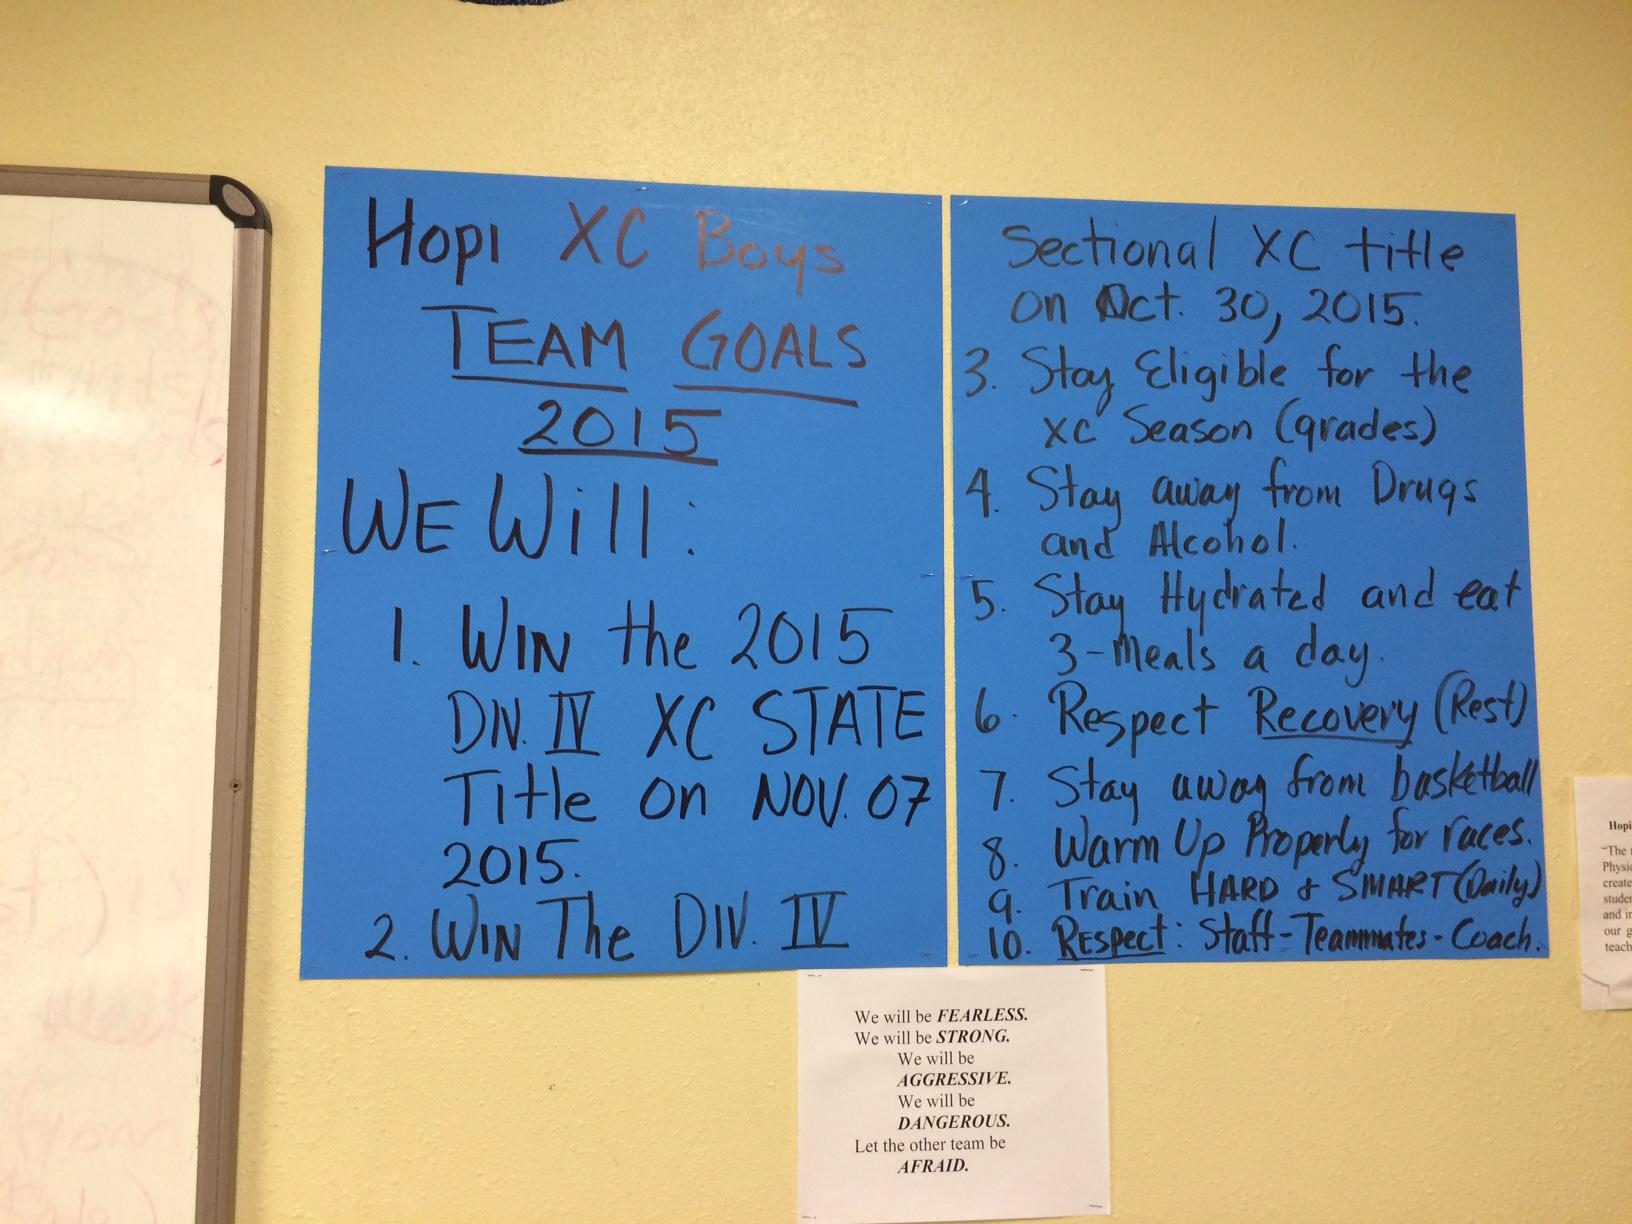 running goals for Hopi team